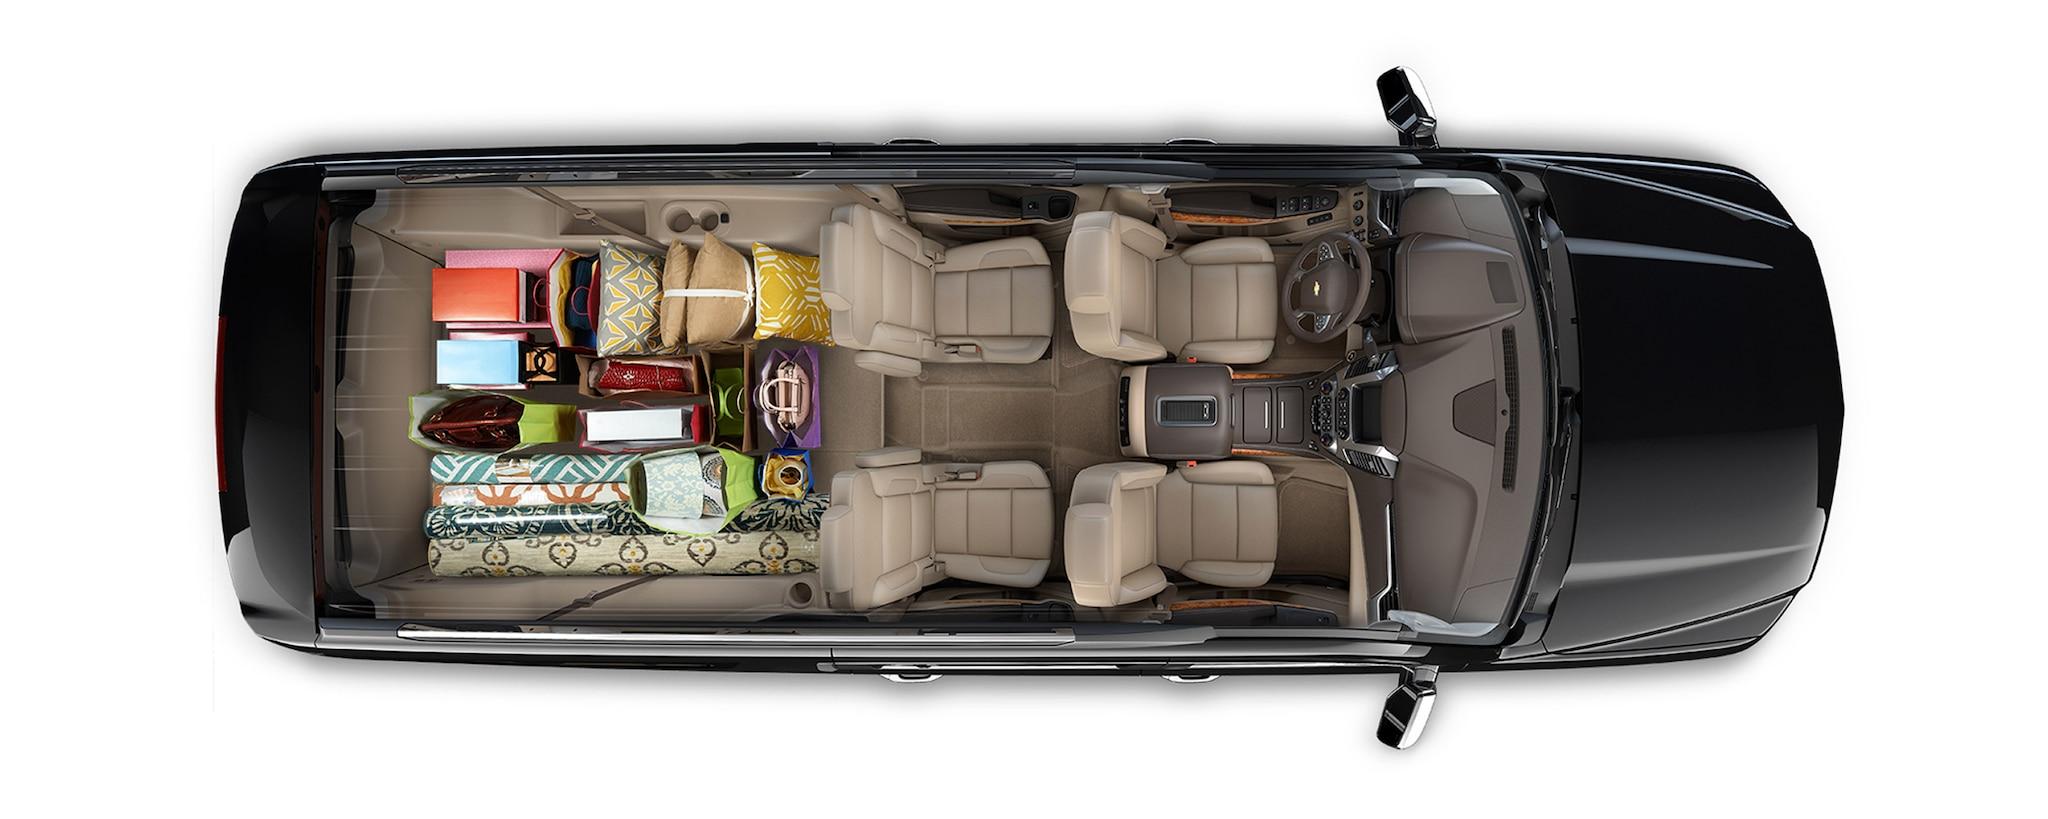 Diseño de SUV grande Suburban 2020: Viaje de compras con espacio de carga en el interior